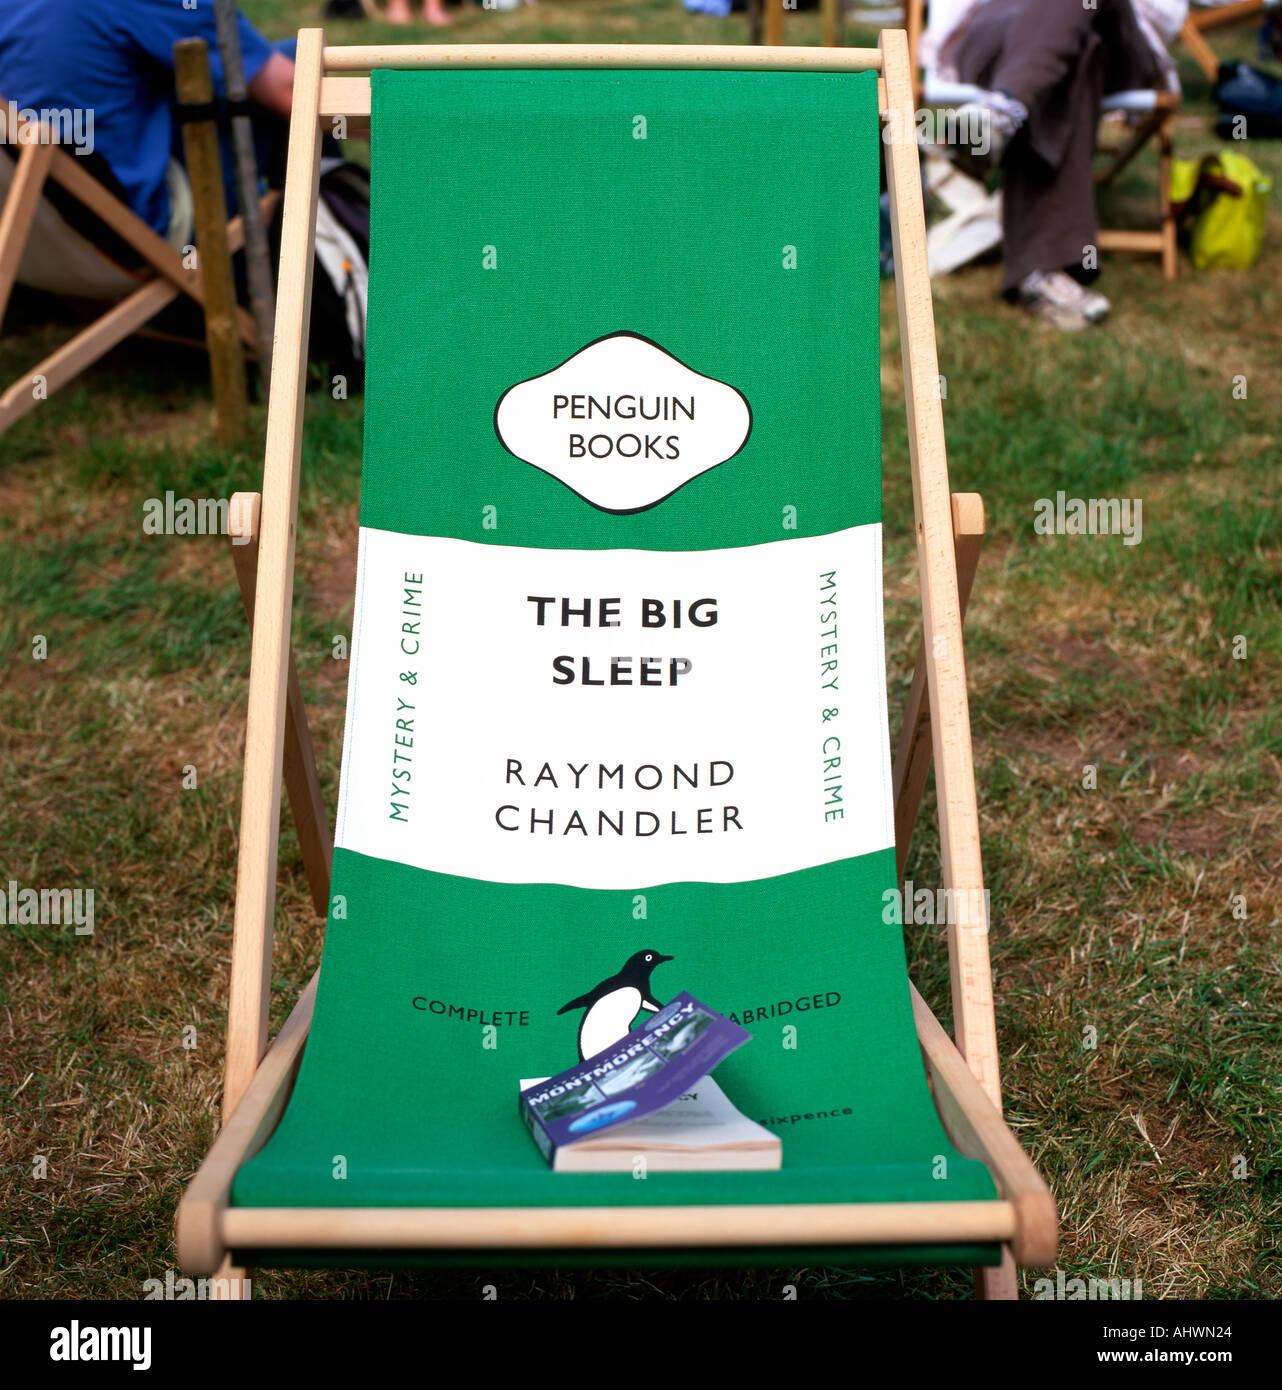 Il Big Sleep Raymond Chandler penguin Books per la copertina del libro sdraio presso il Festival di Fieno Hay-on-Wye Powys Wales UK KATHY DEWITT Immagini Stock